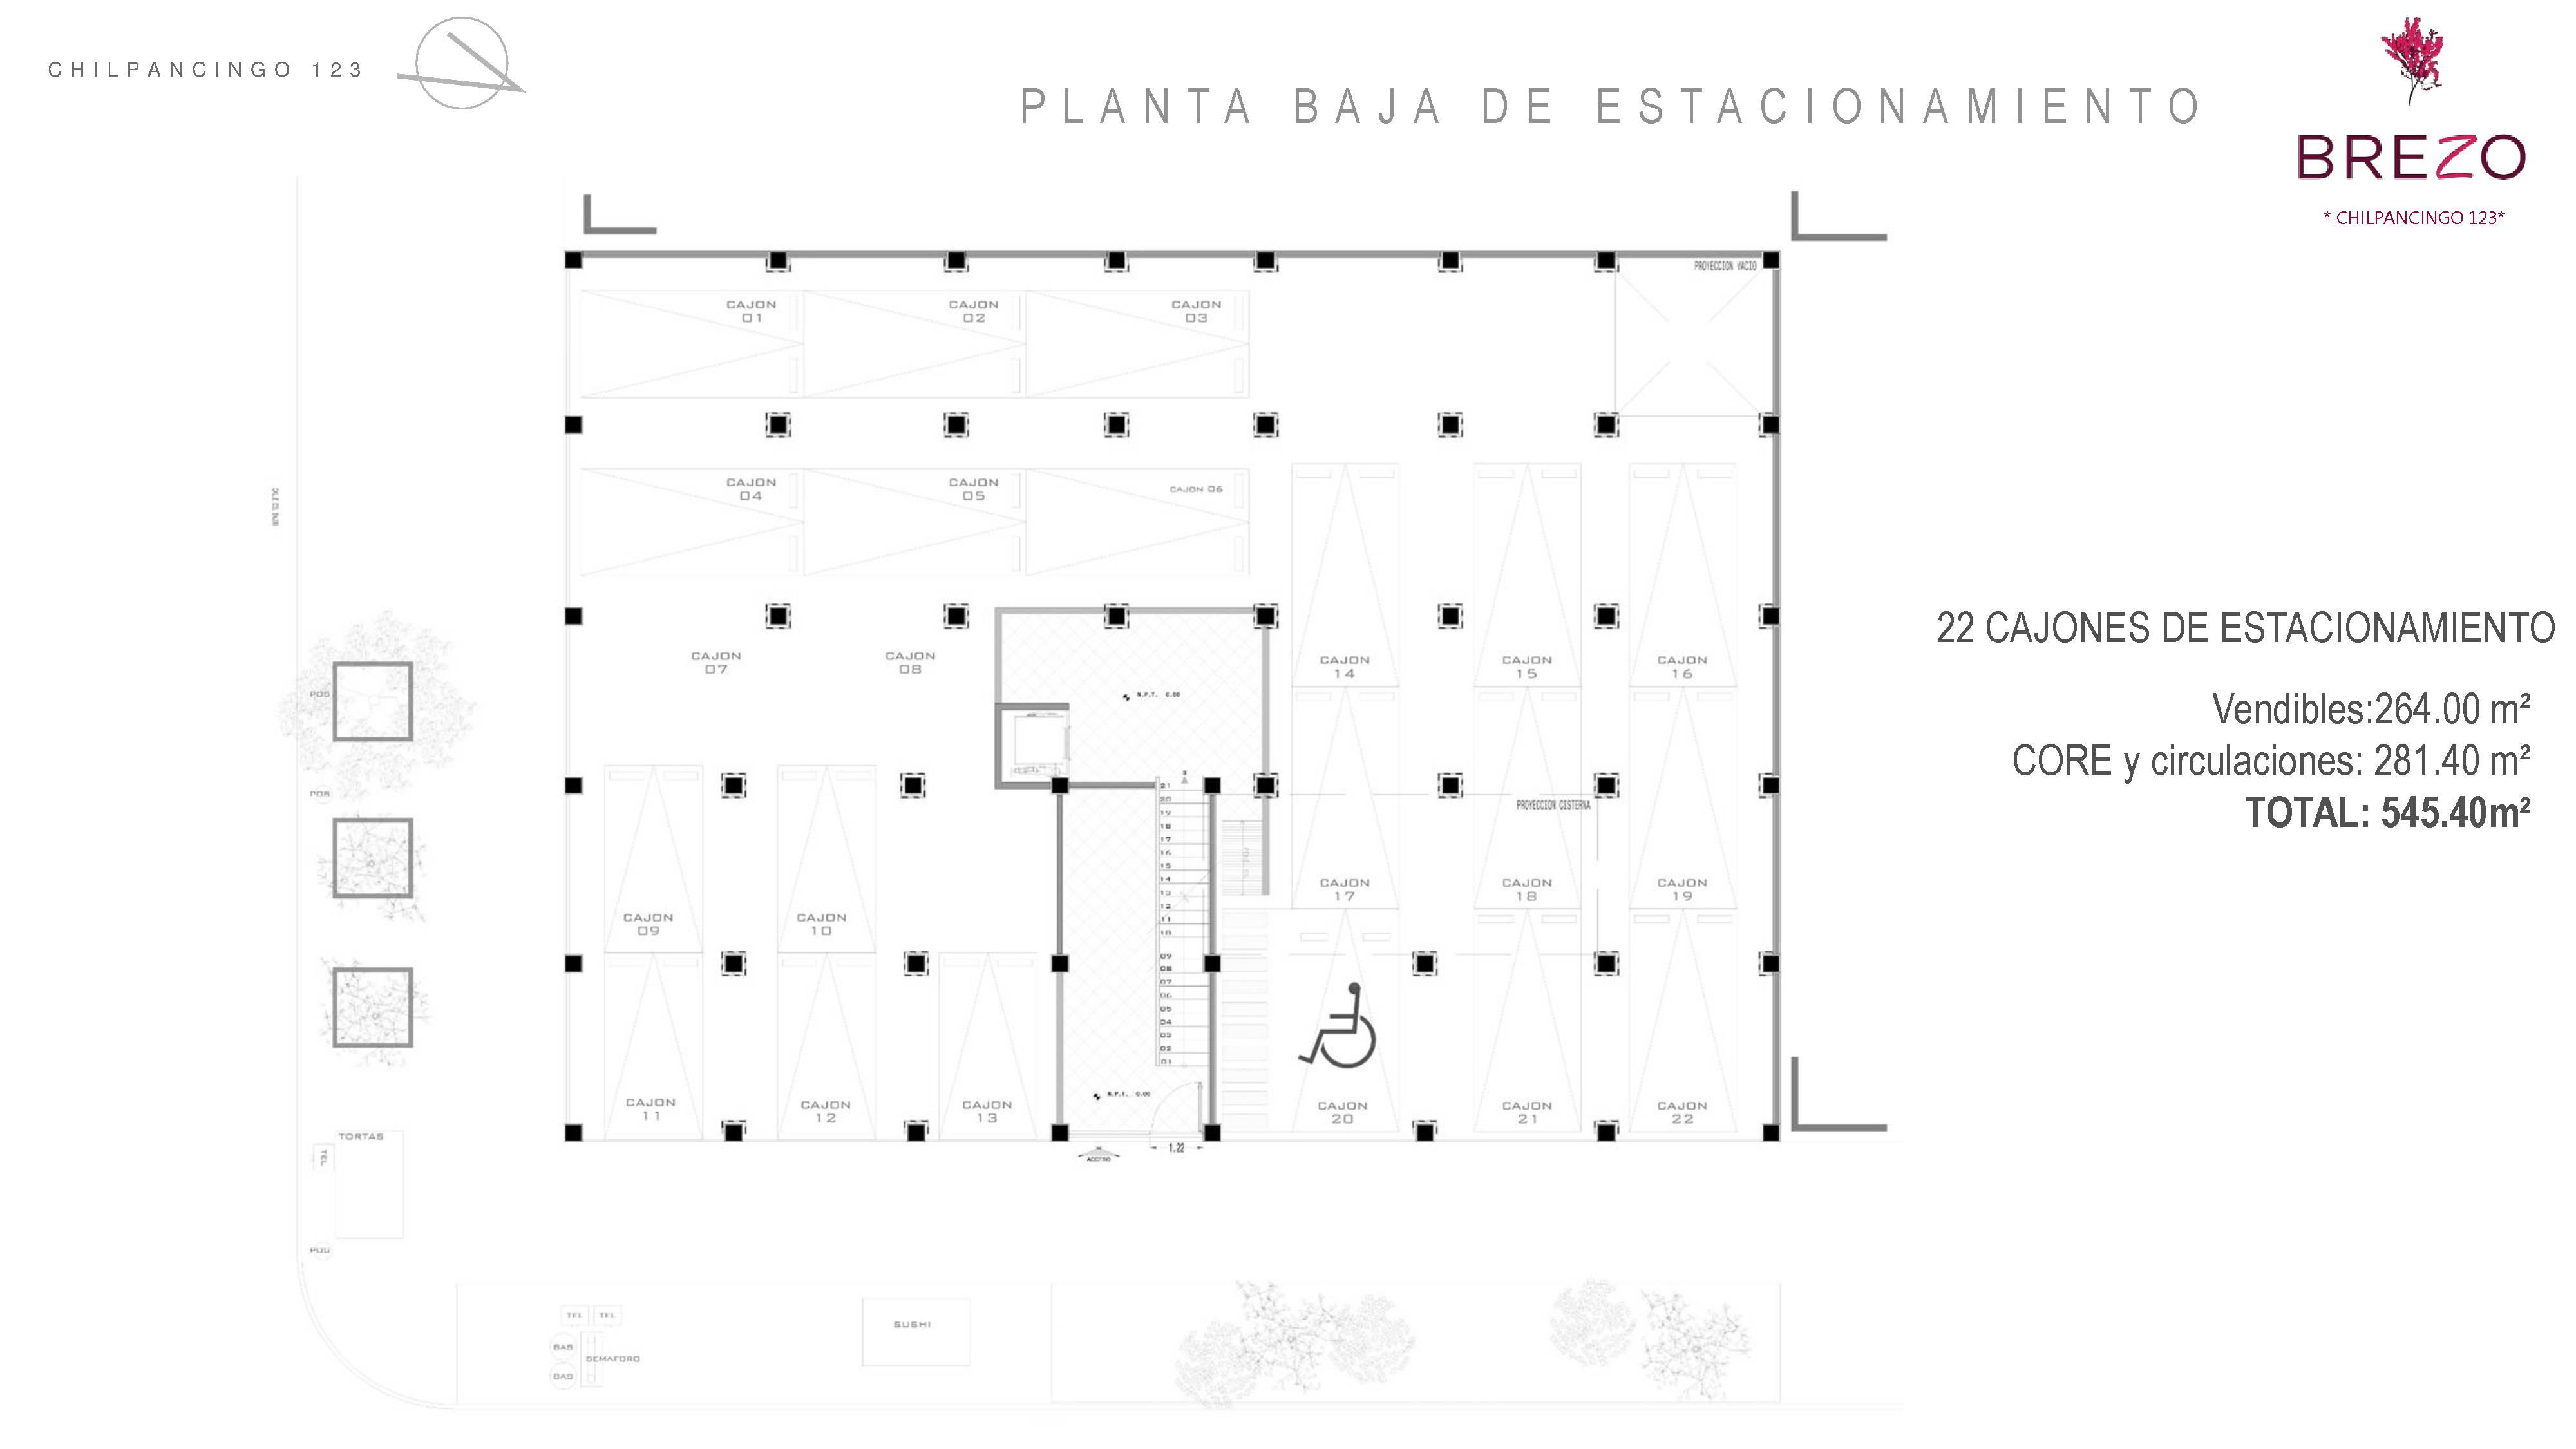 Brezo Chilpancingo 123